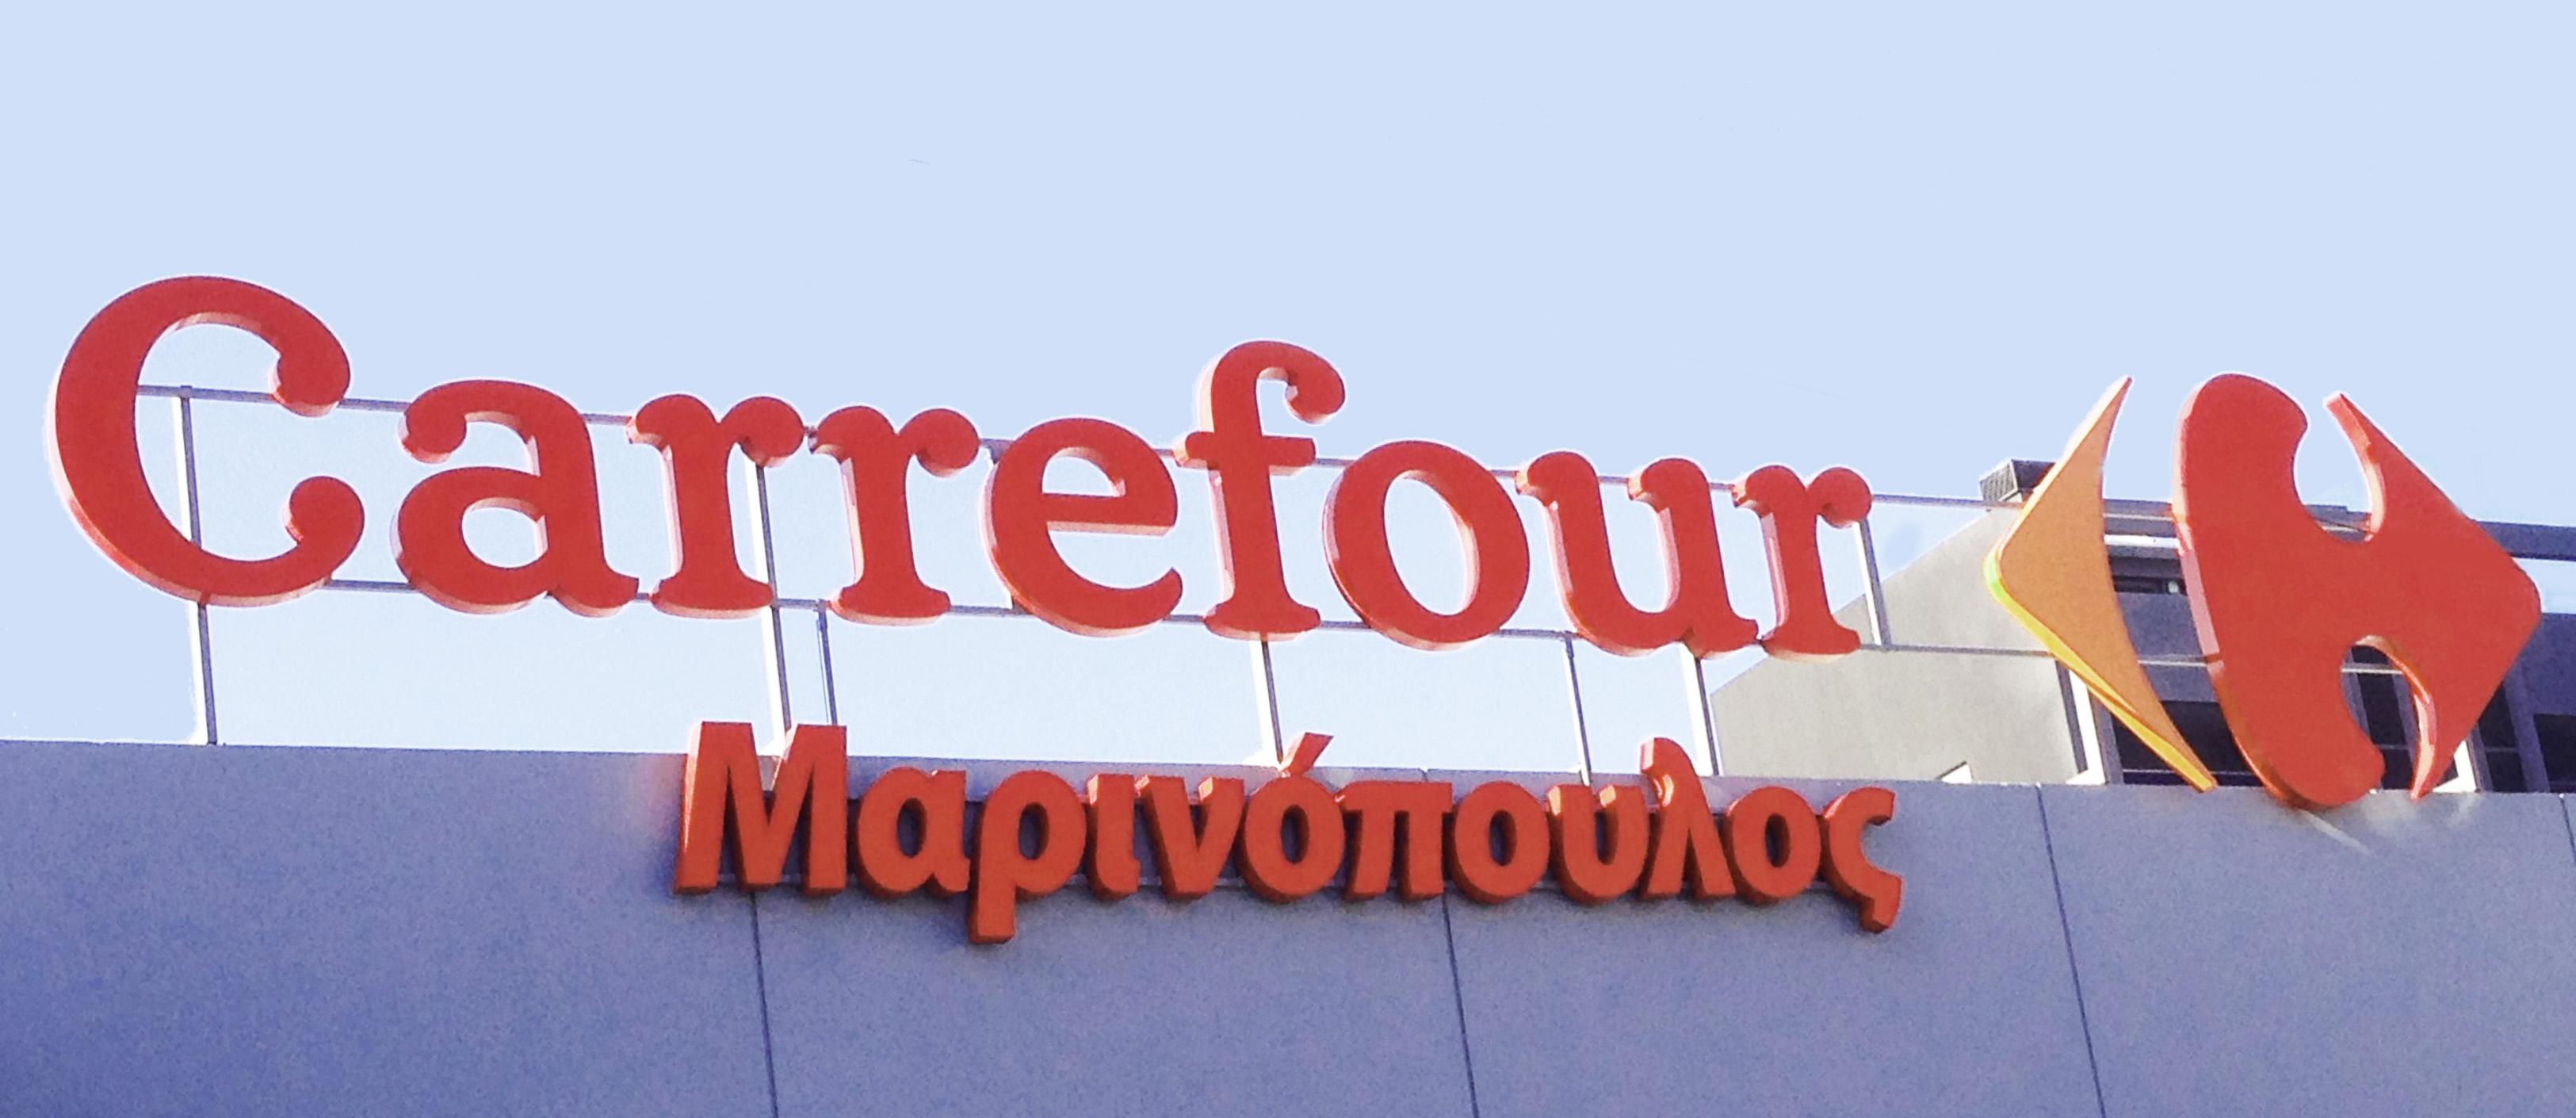 carrefour-φωτεινές-επιγραφές